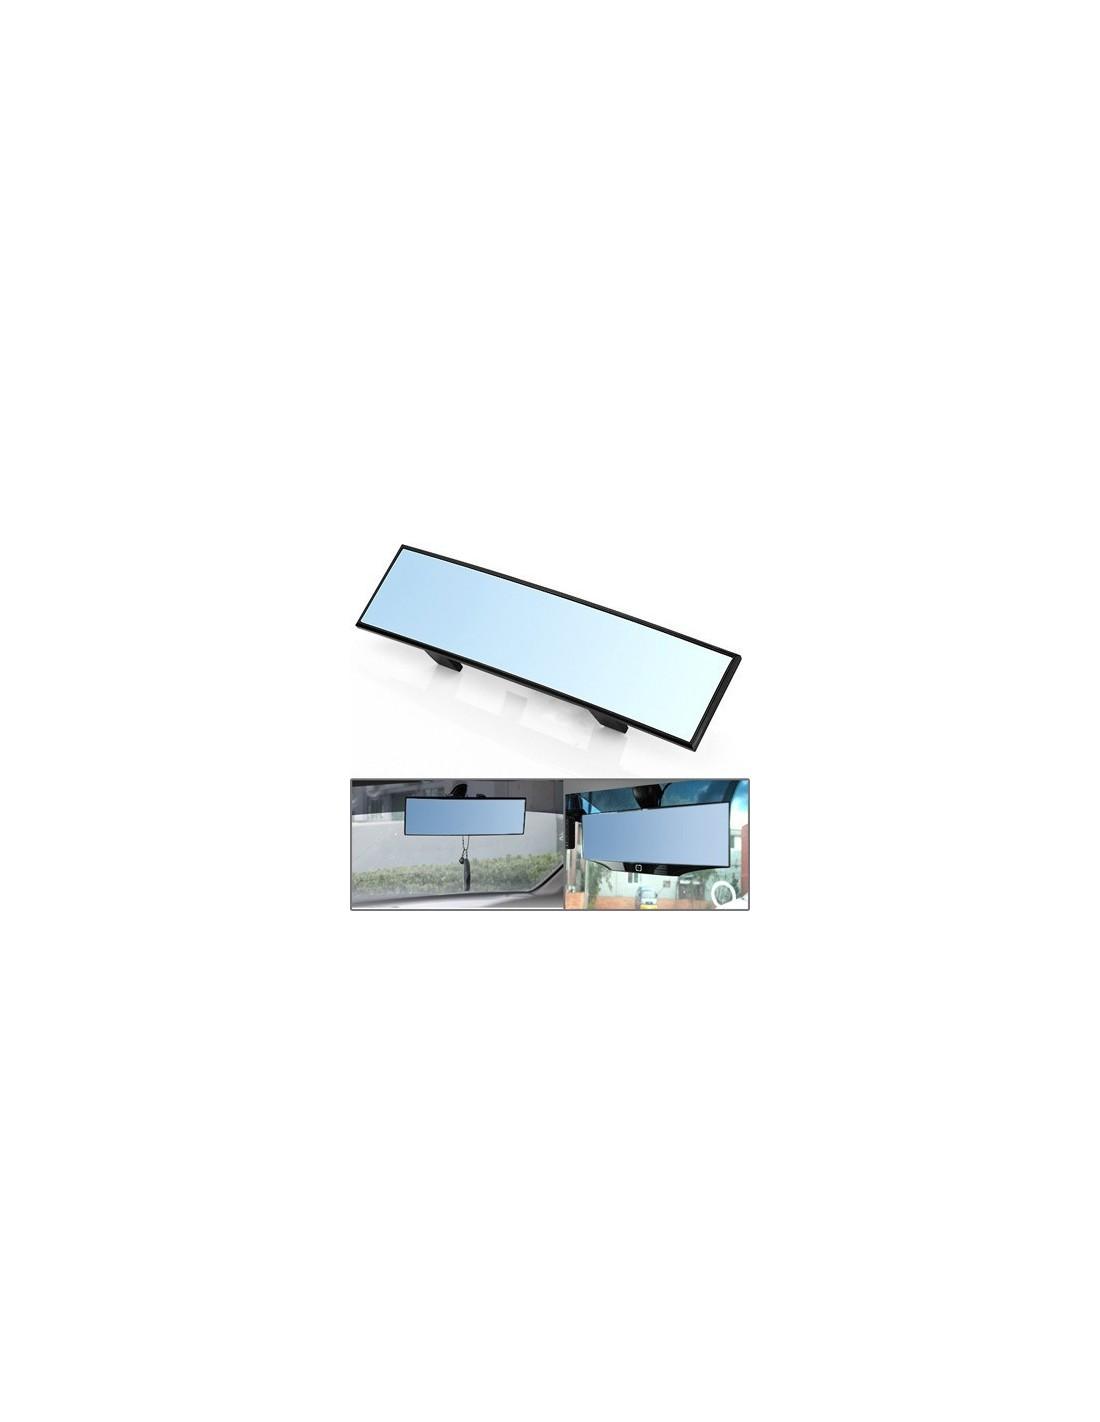 Espejo Retrovisor Panoramico Curvado Interior Coche 300 mm sobredimensionado